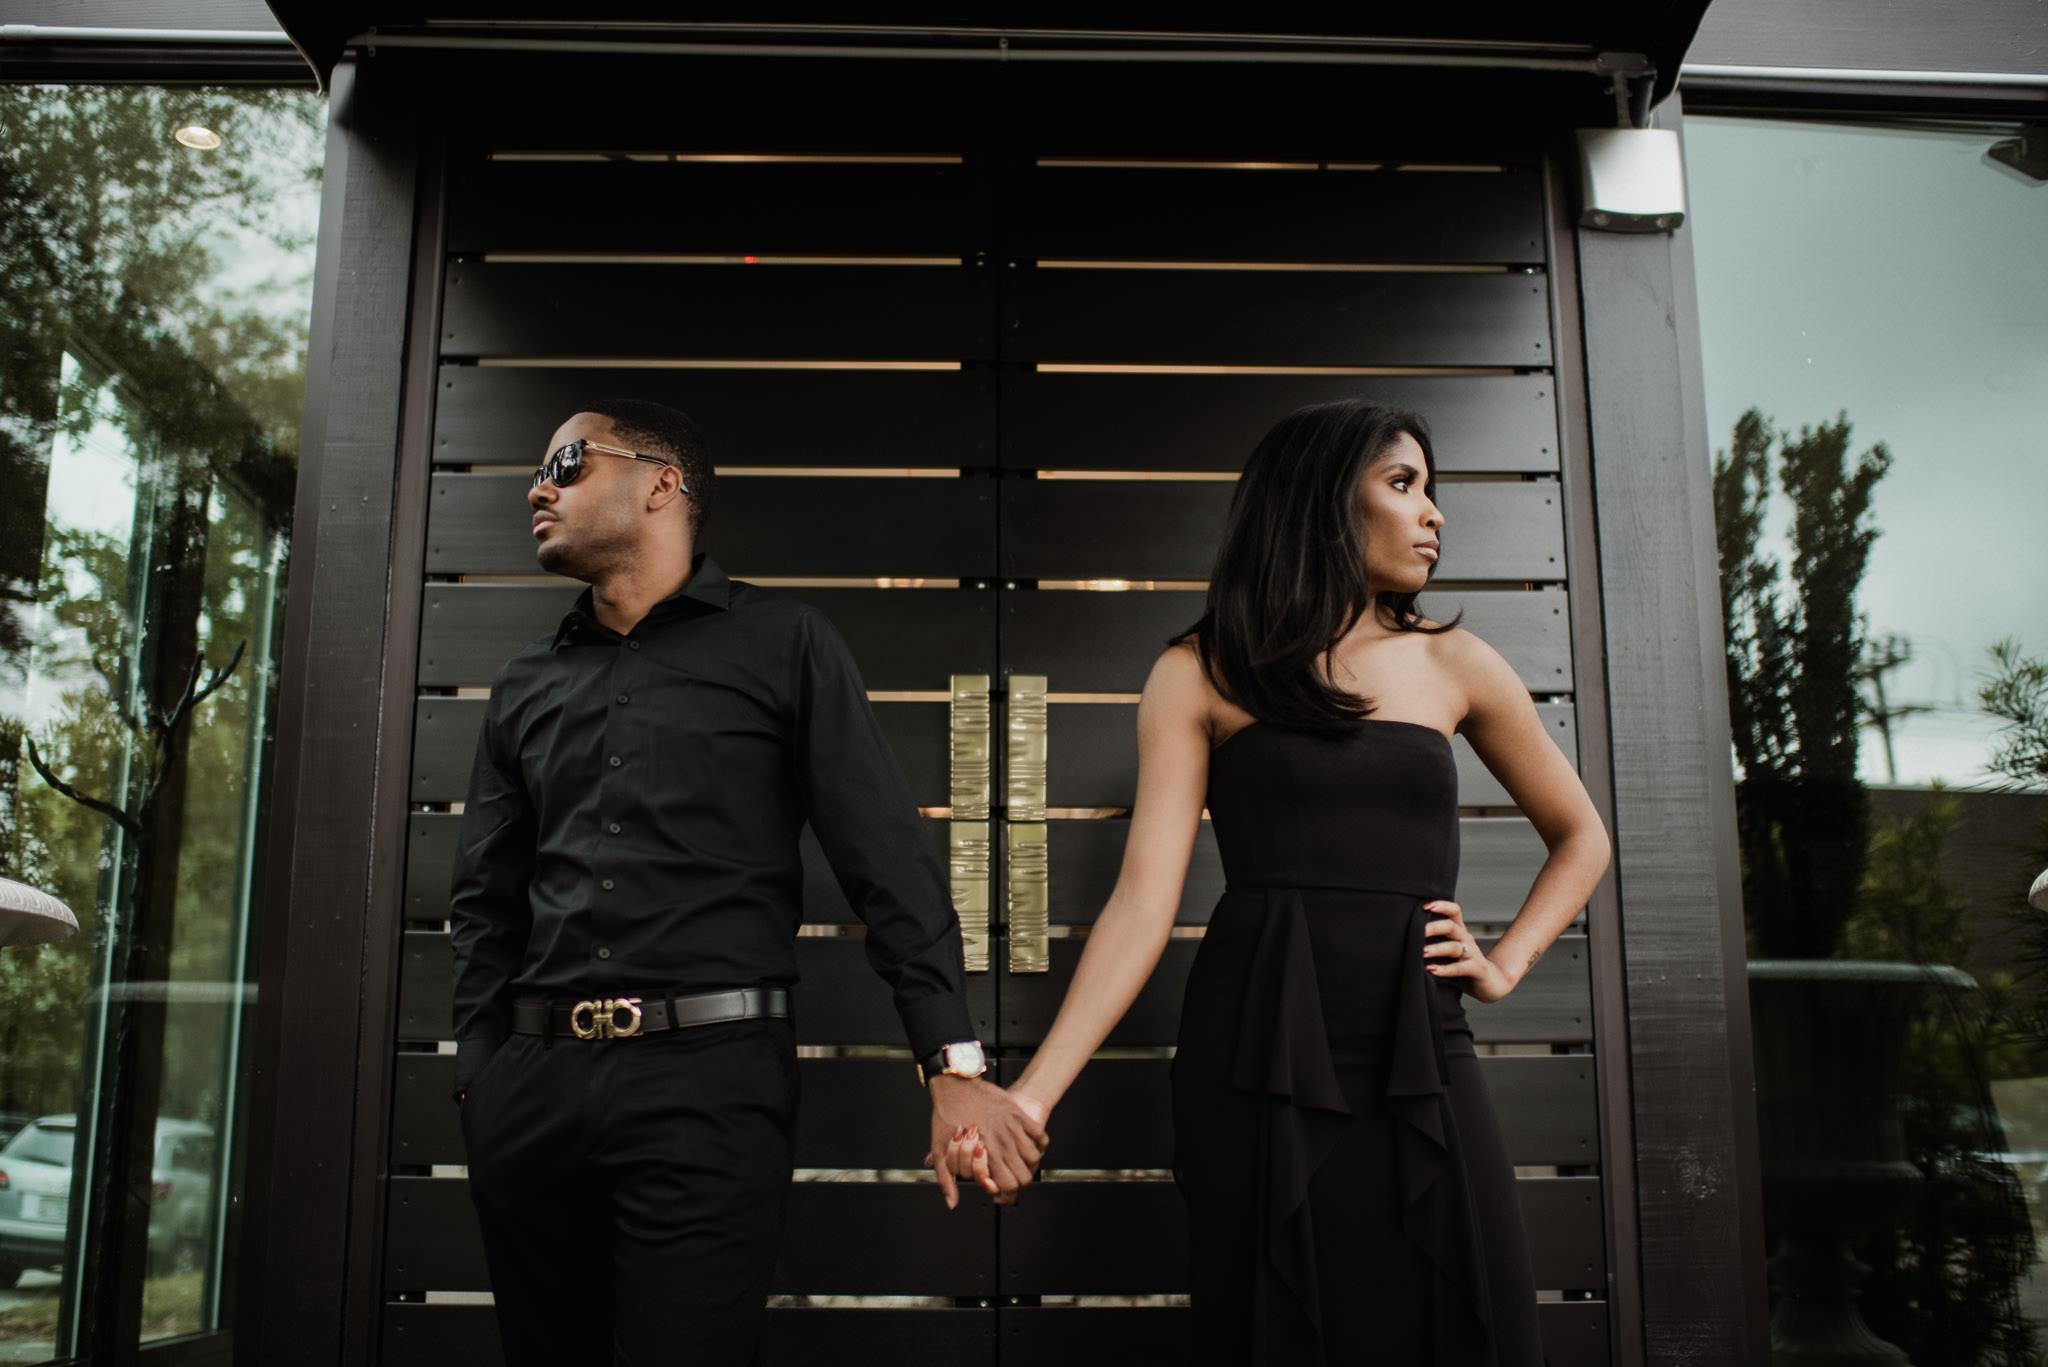 whitney-rodney-engagement-life-htx-venue-classy-glam-black-sm-22.jpg